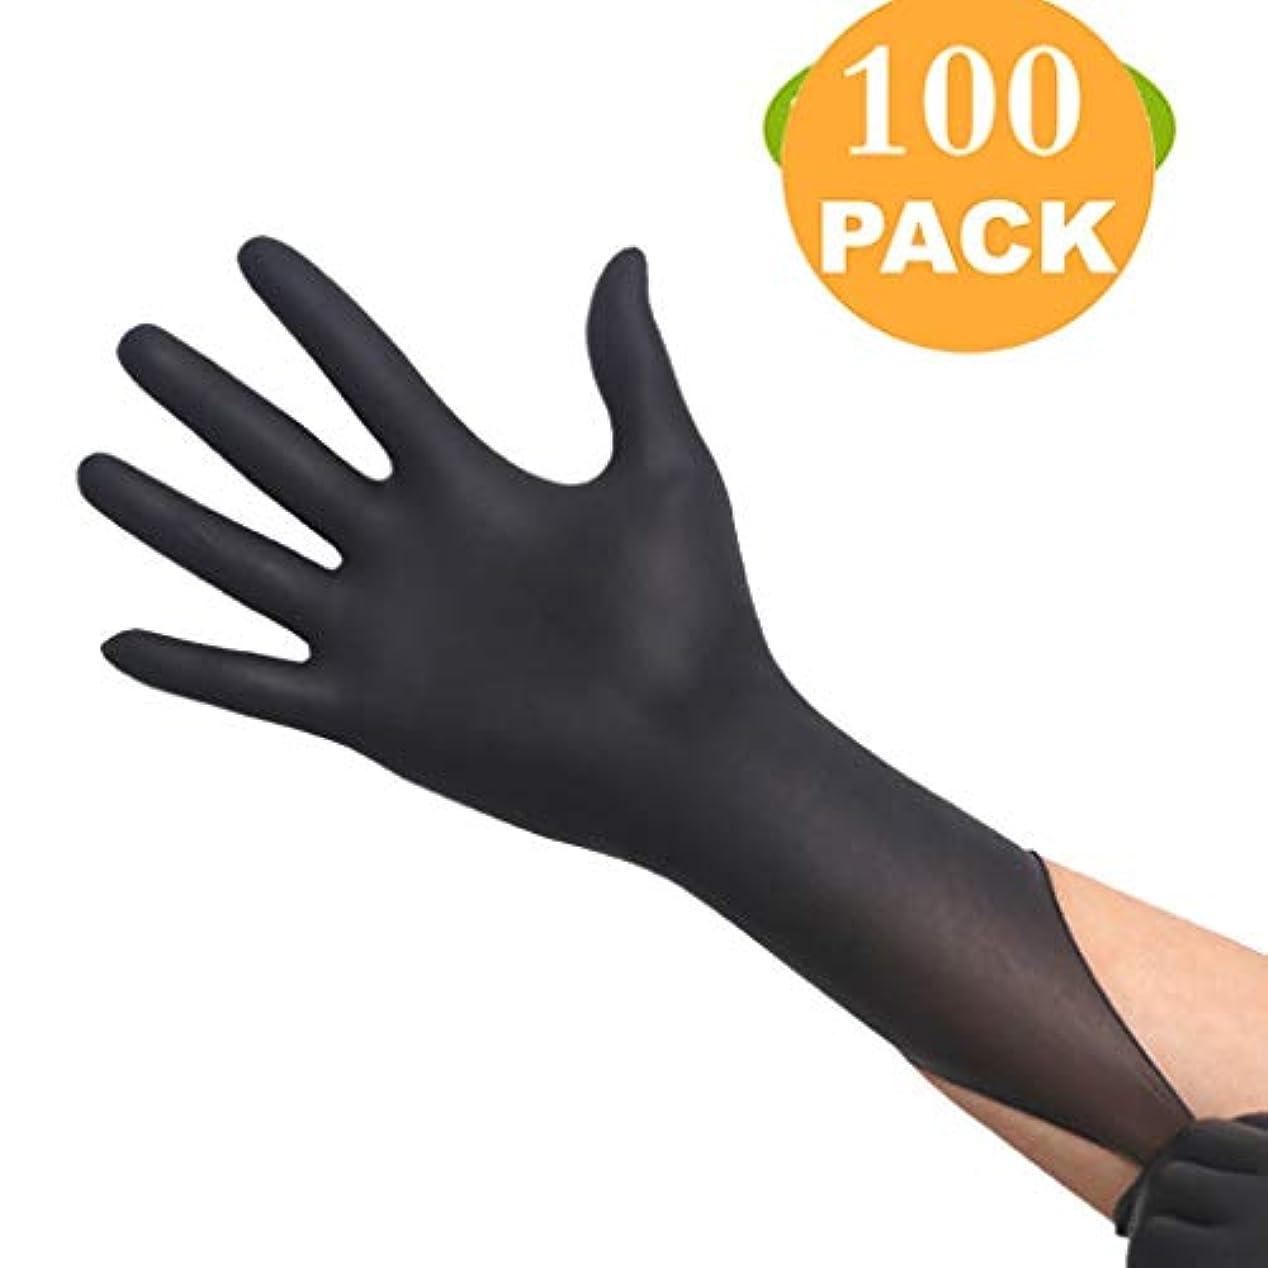 水銀の上に複製するニトリル手袋100の耐久性の染毛剤タトゥーボックスを厚く9インチブラックニトリル手袋滑り止め (Size : M)